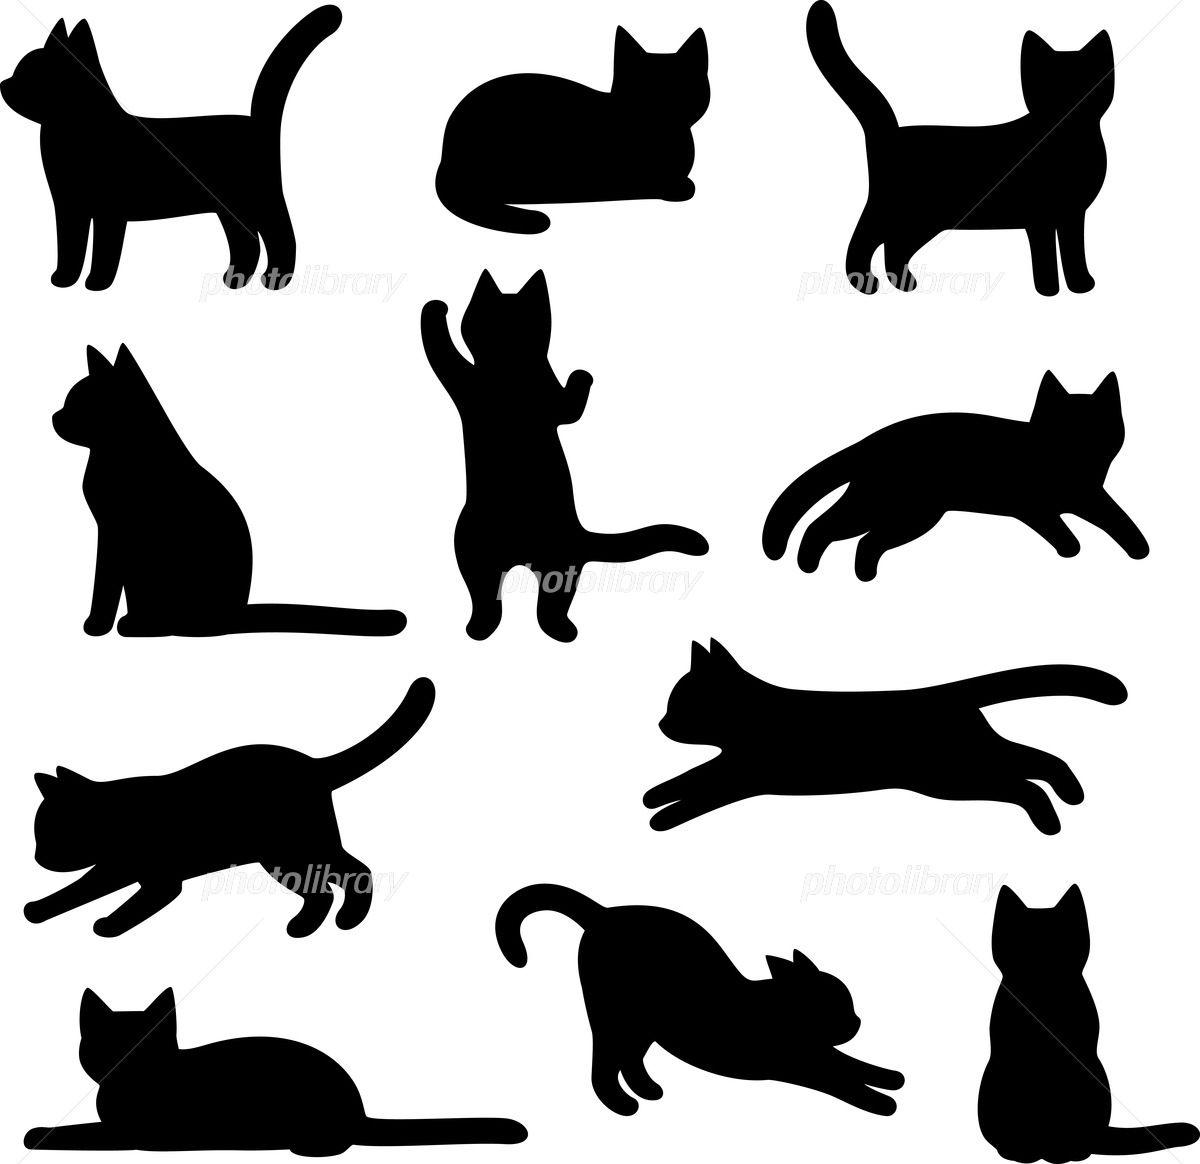 猫のシルエットのイラストセット イラスト素材 フォトライブラリーは